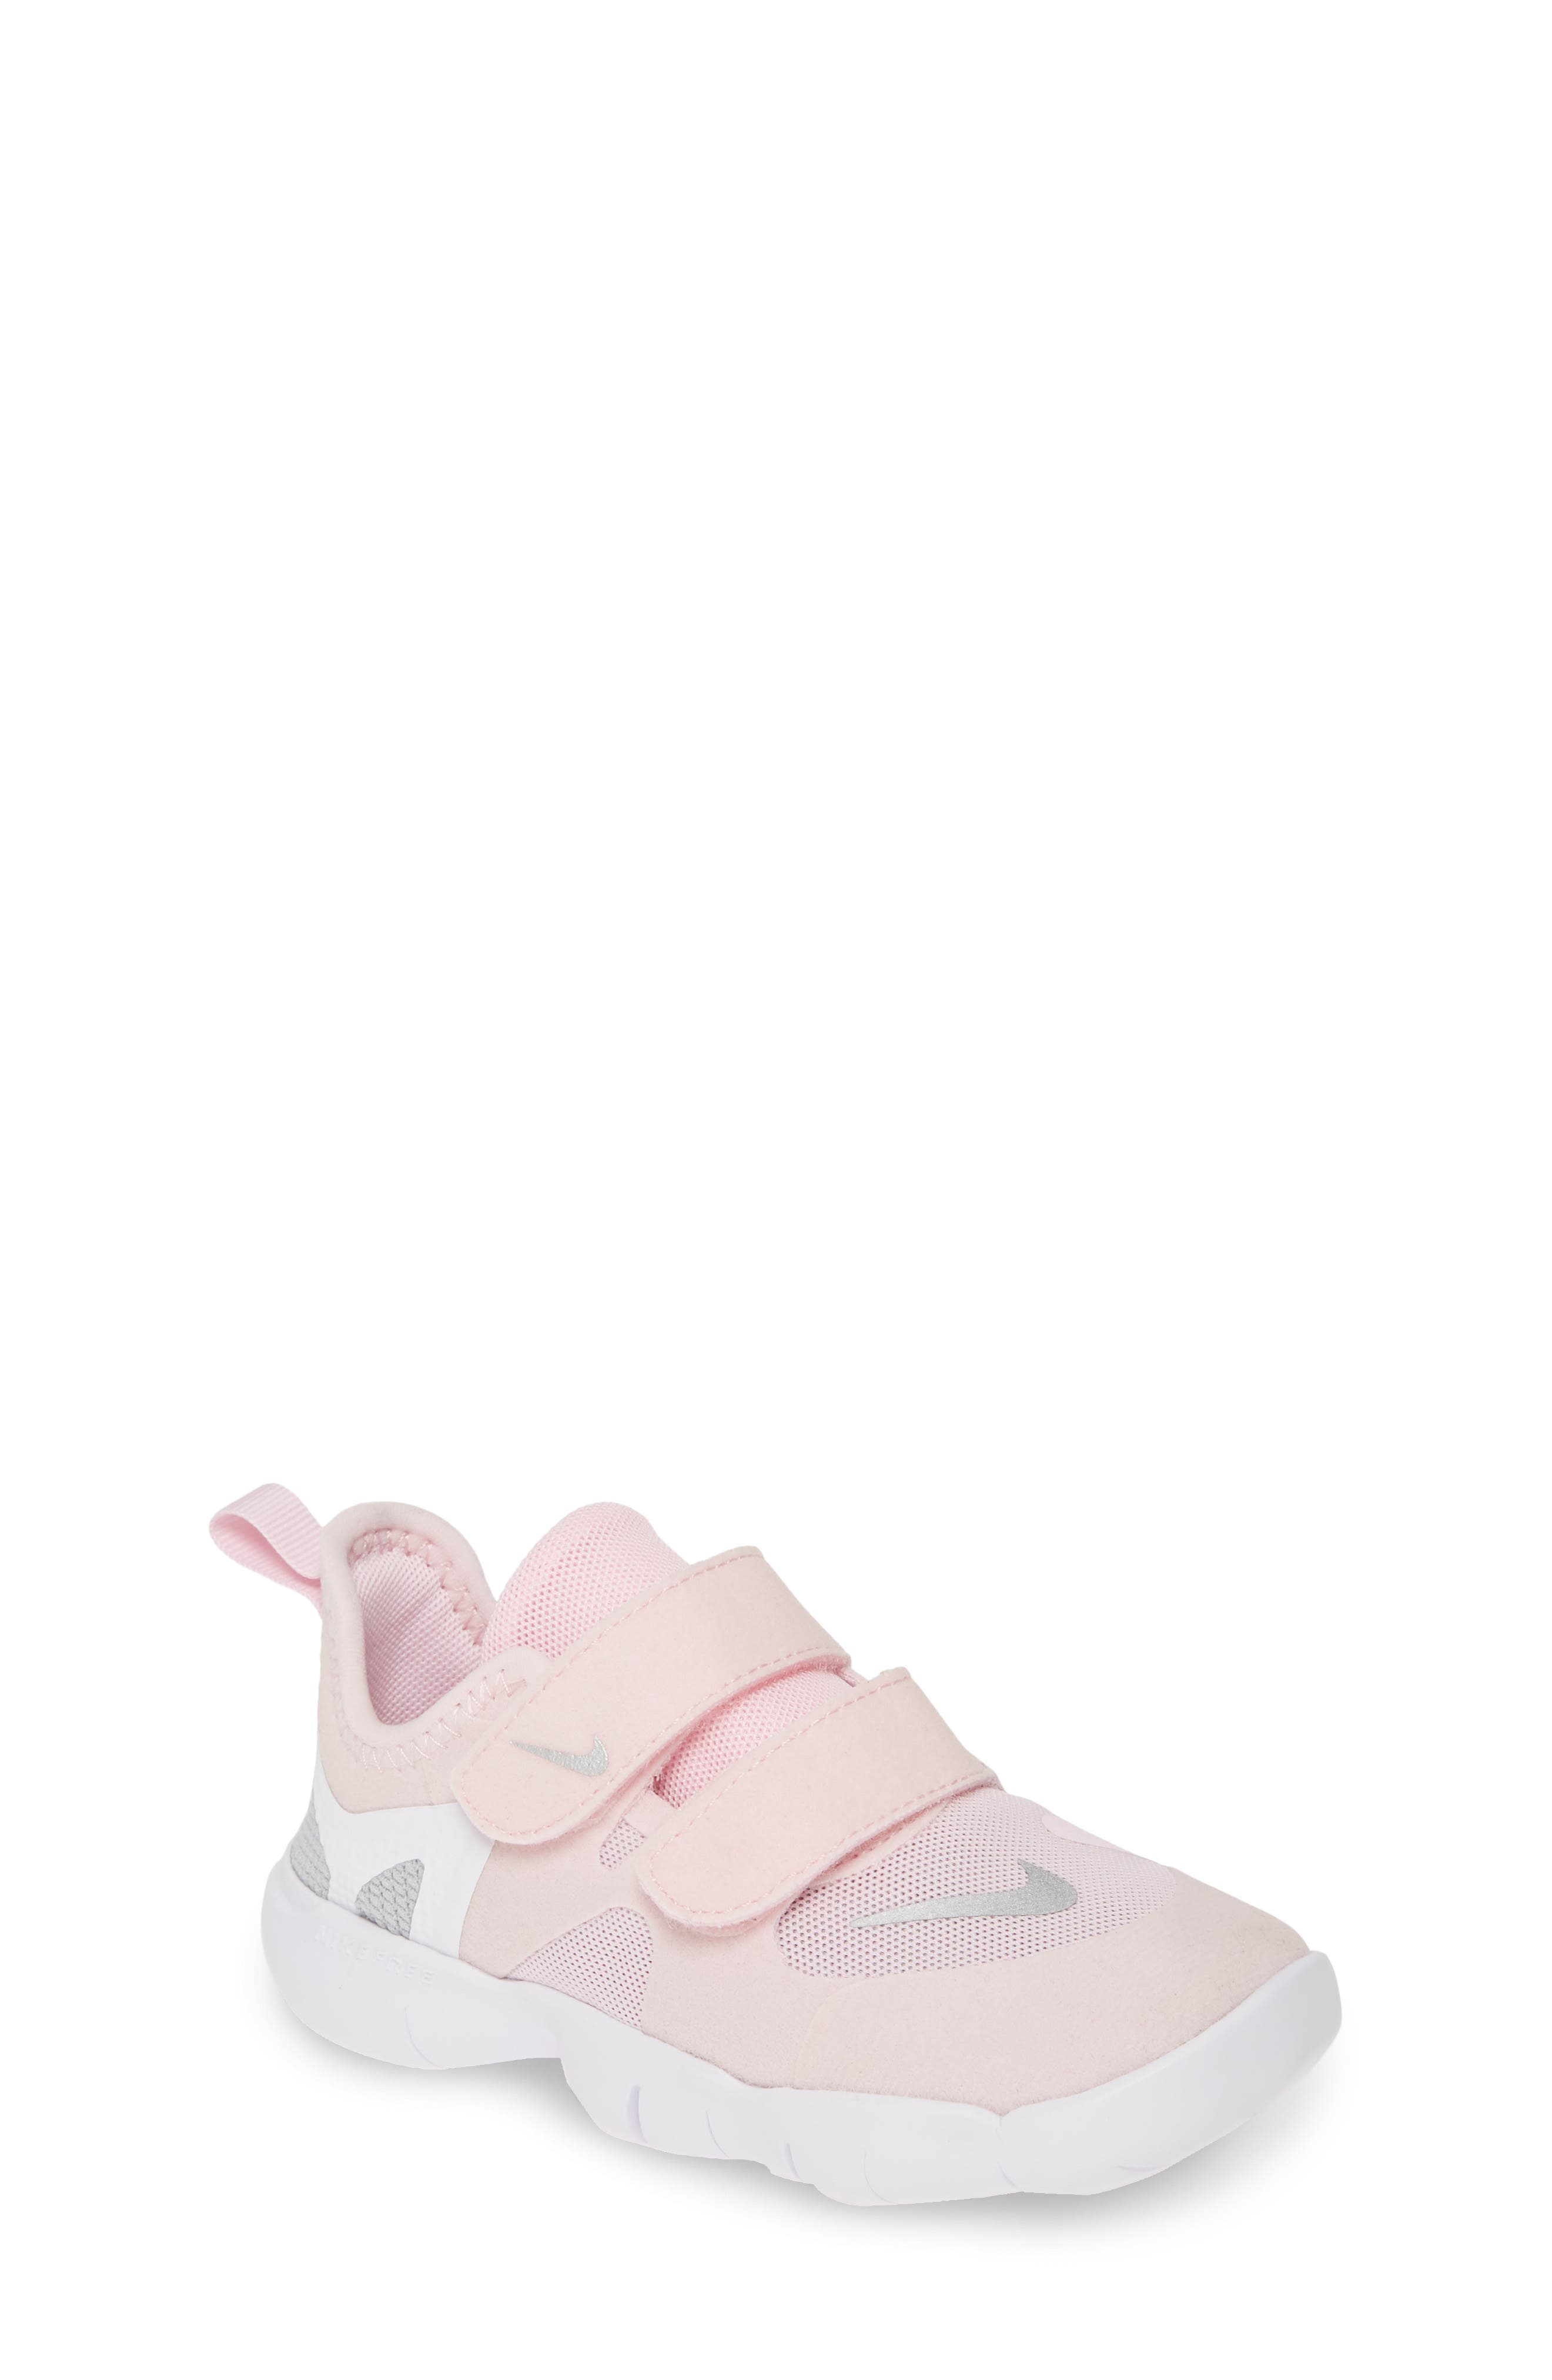 Toddler Nike Free Run 50 Sneaker Size 15 M  Pink